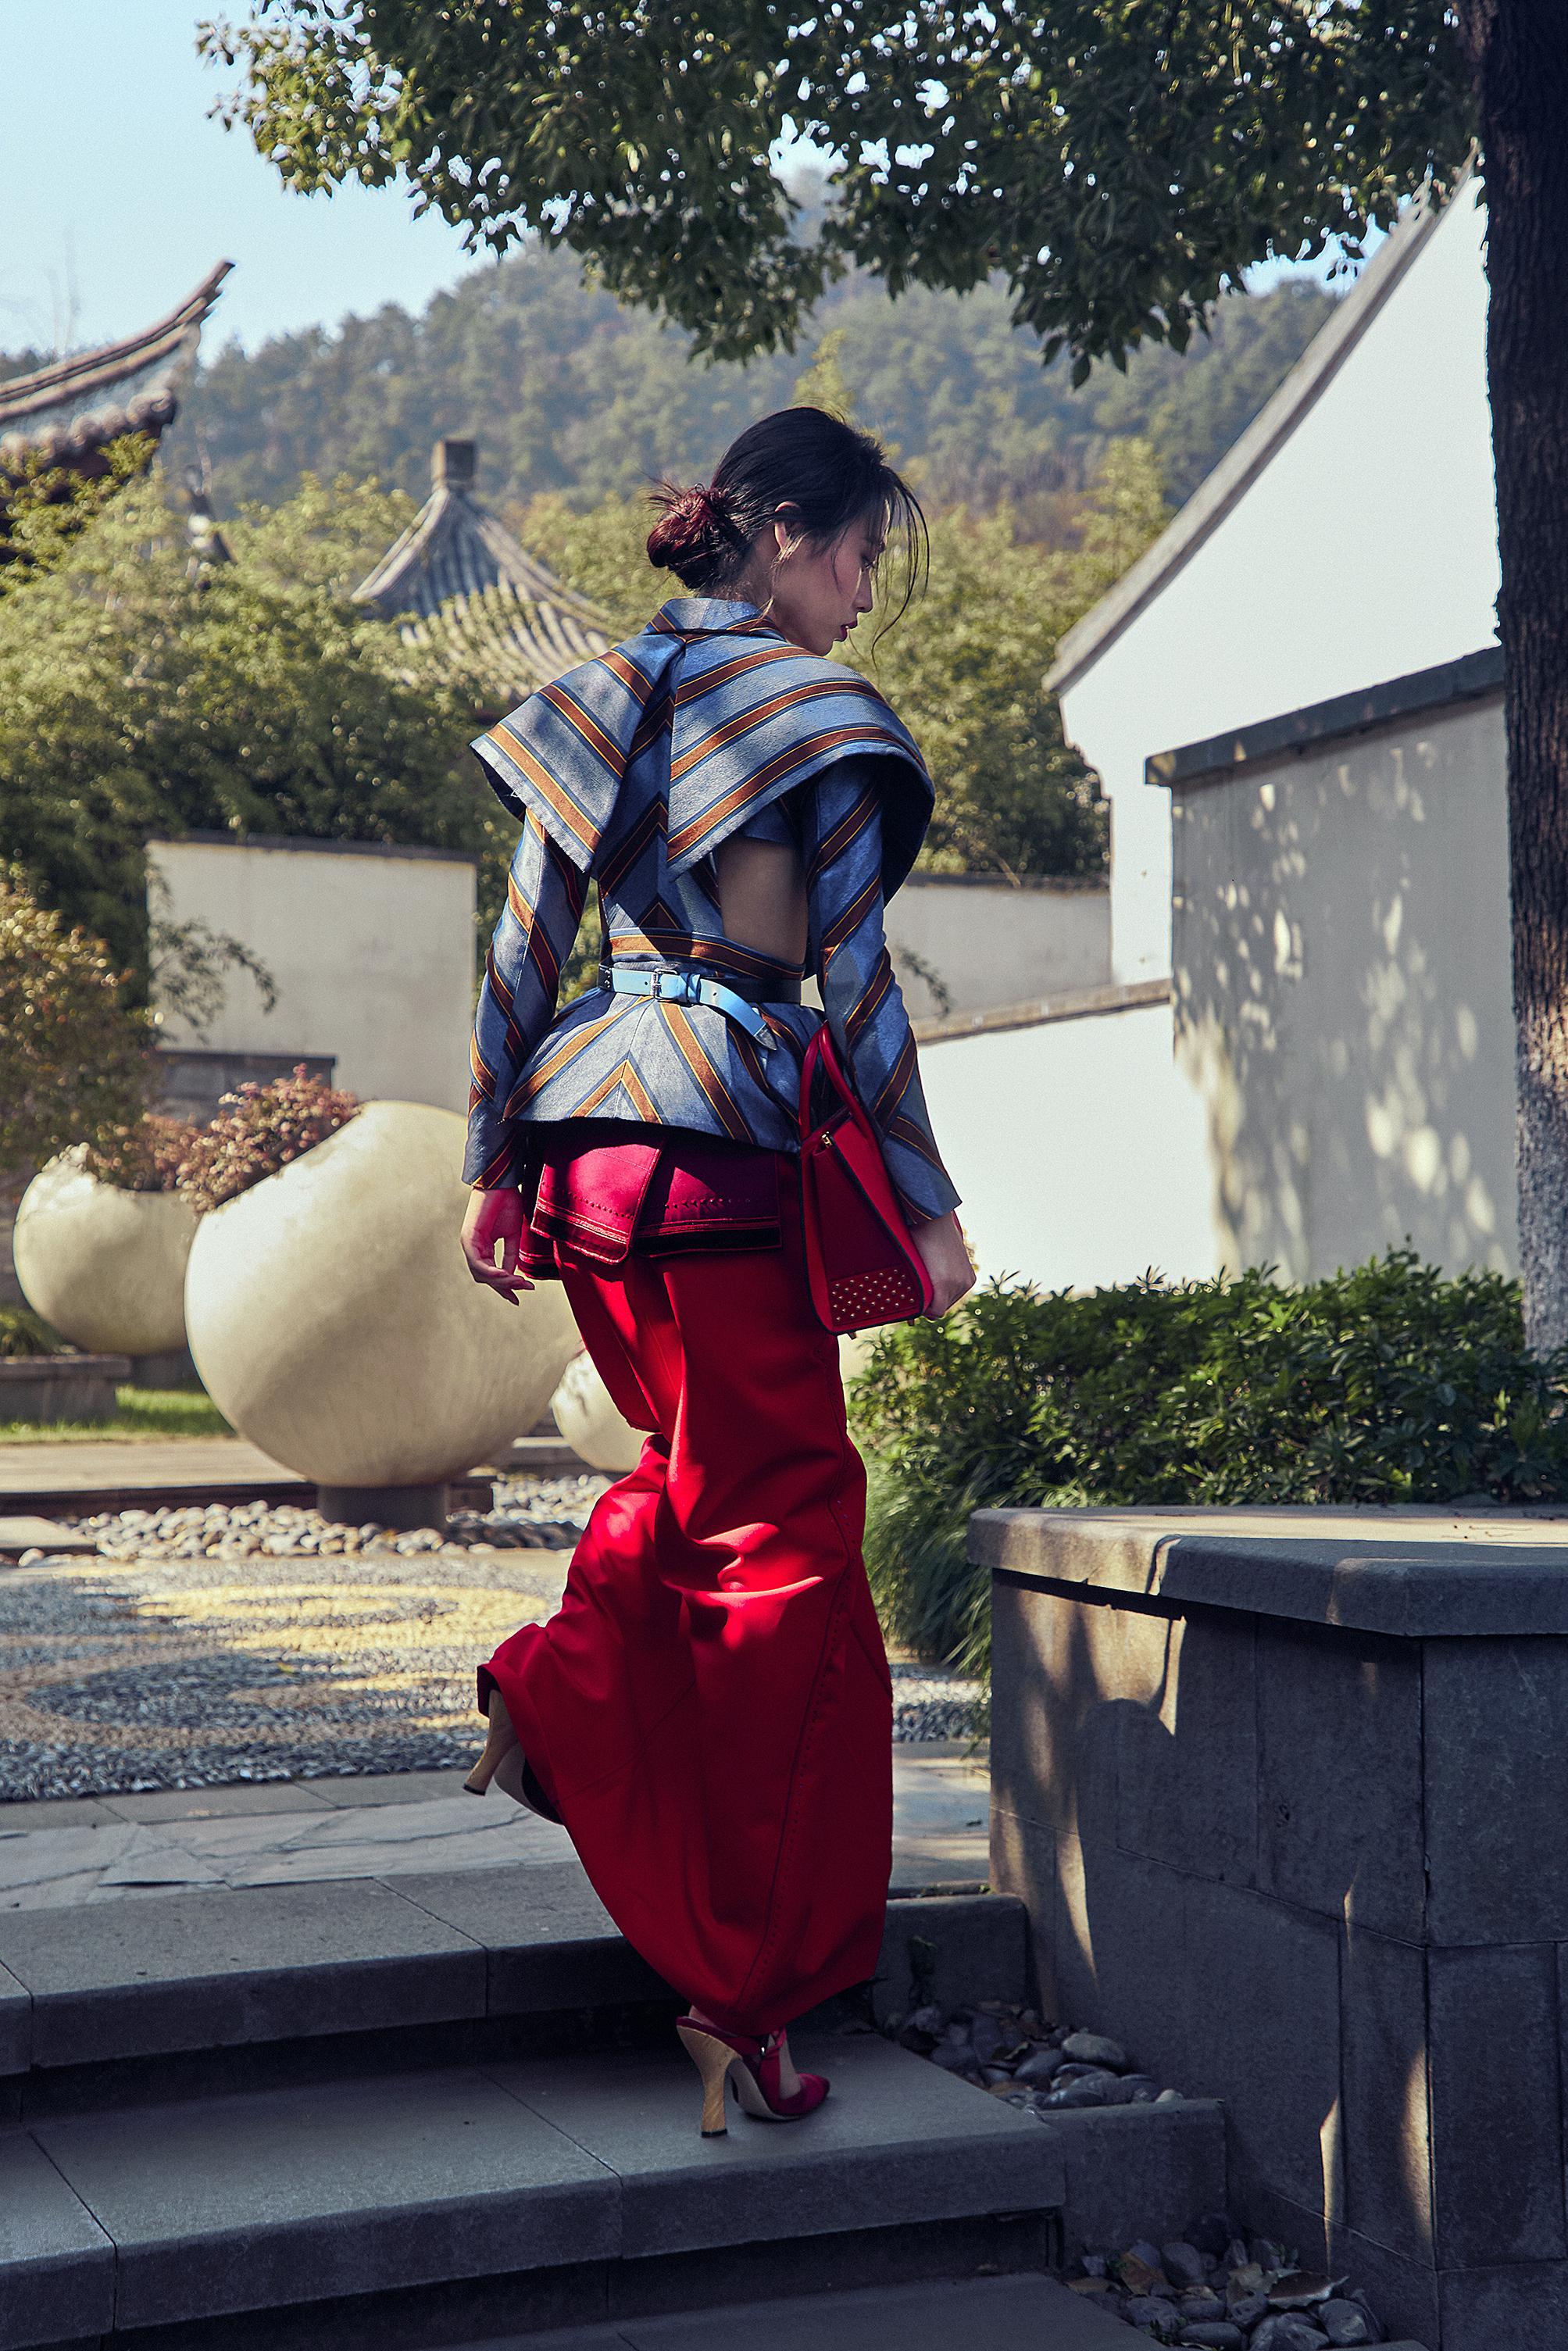 #fashion #parkhyatt #style